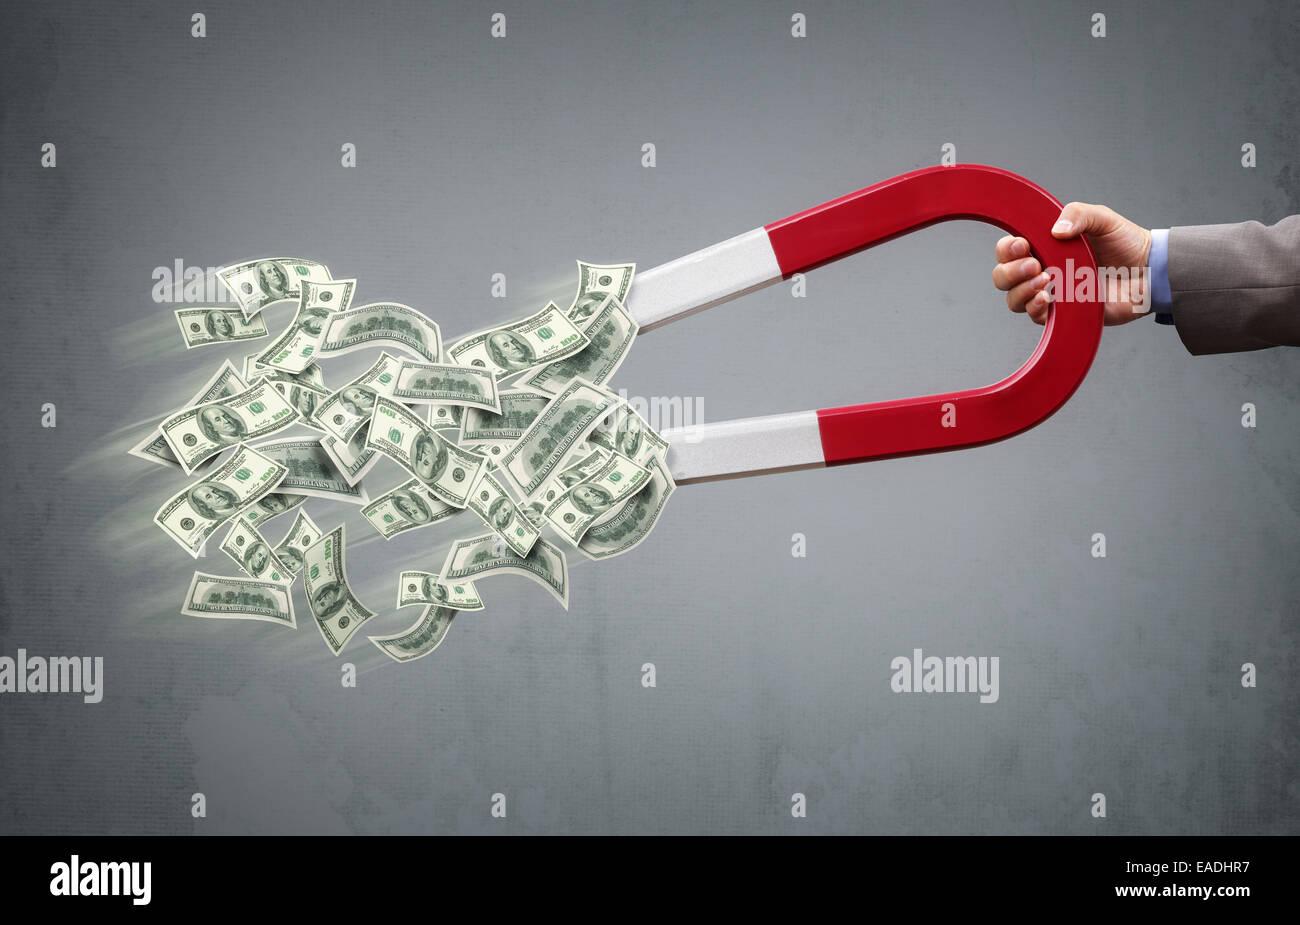 Geld-magnet Stockbild